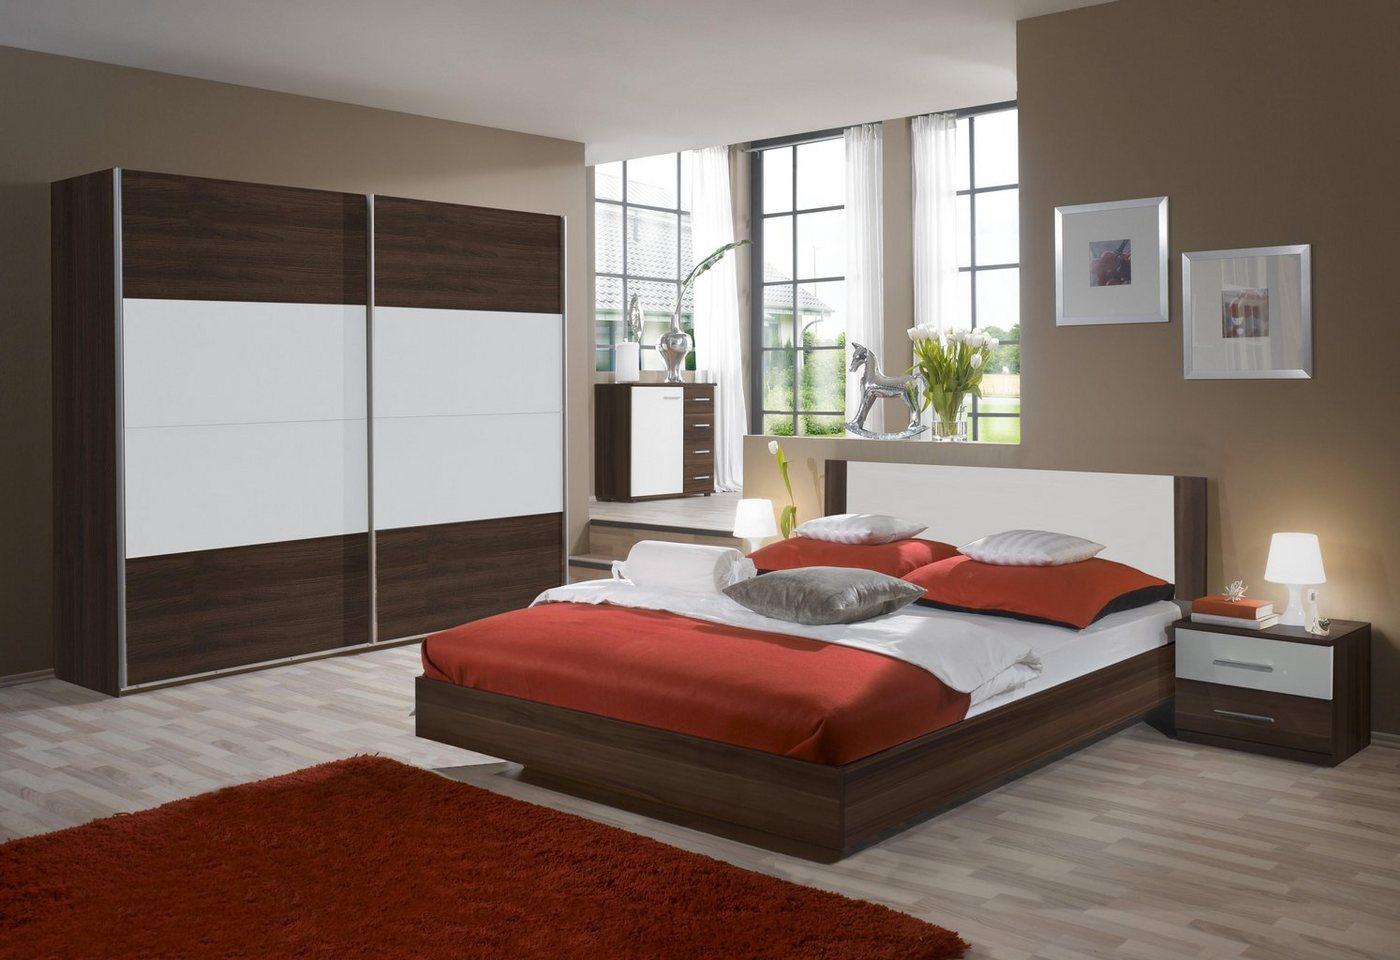 Wimex slaapkamerserie met zweefdeurkast (4-dlg.)